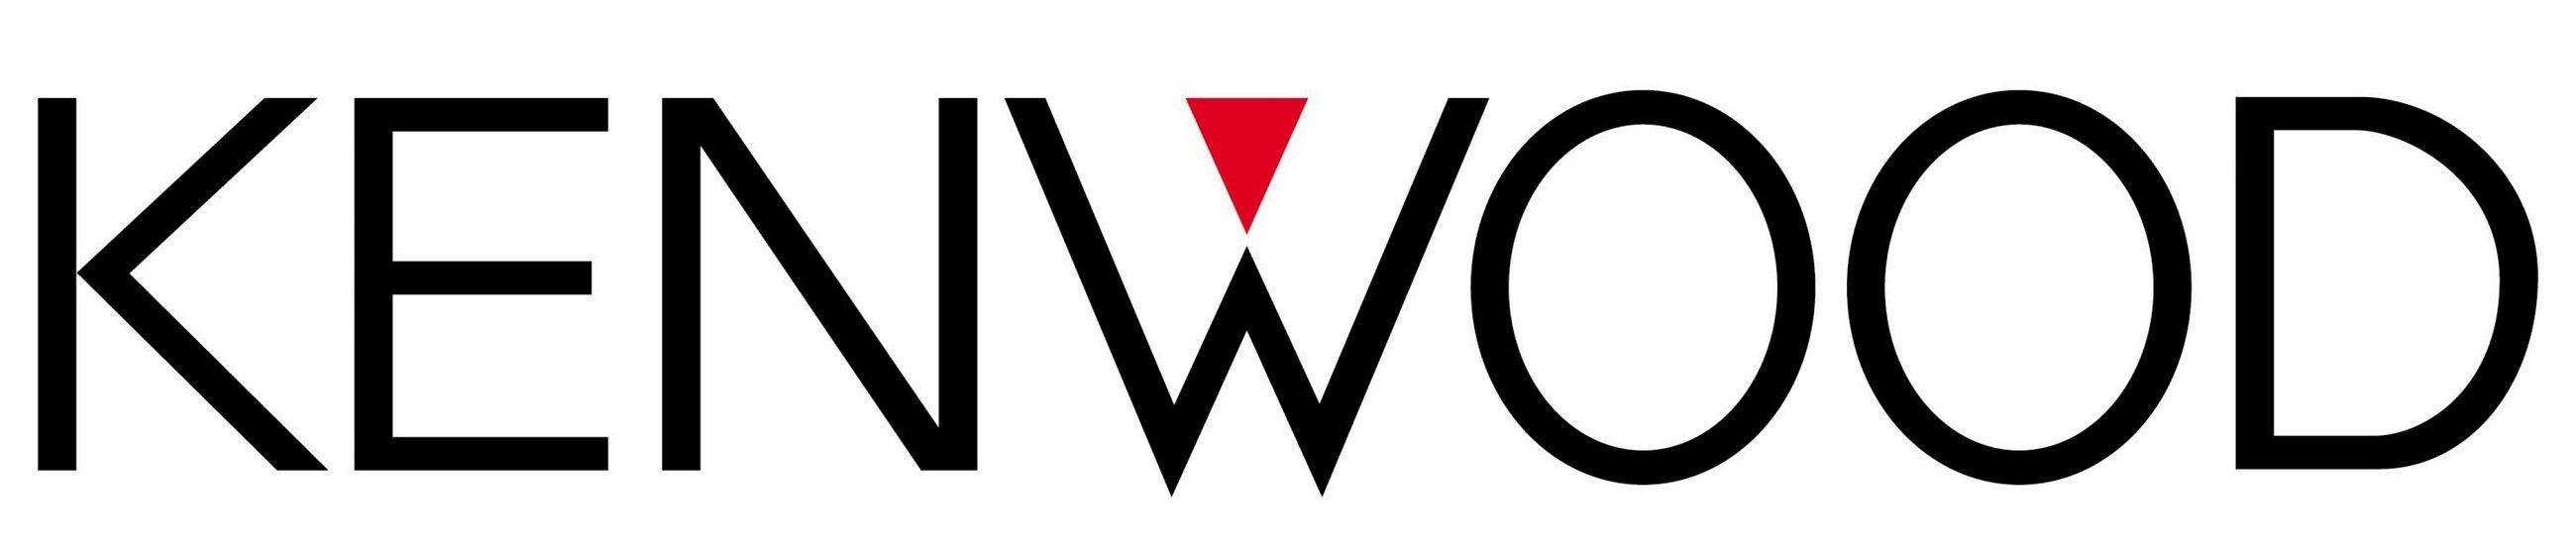 Kenwood Corporation Logo Eps Pdf Kenwood Logo Logos Kenwood